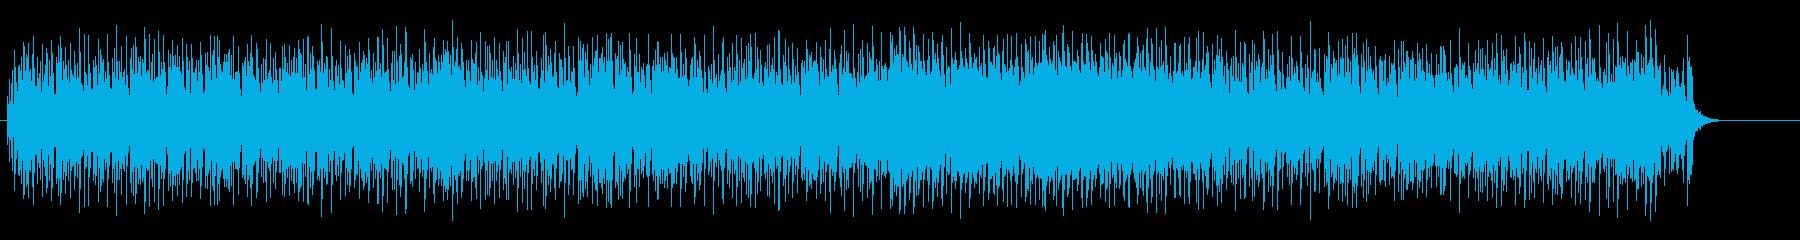 軽快なリズムで心弾むコミカルなポップスの再生済みの波形